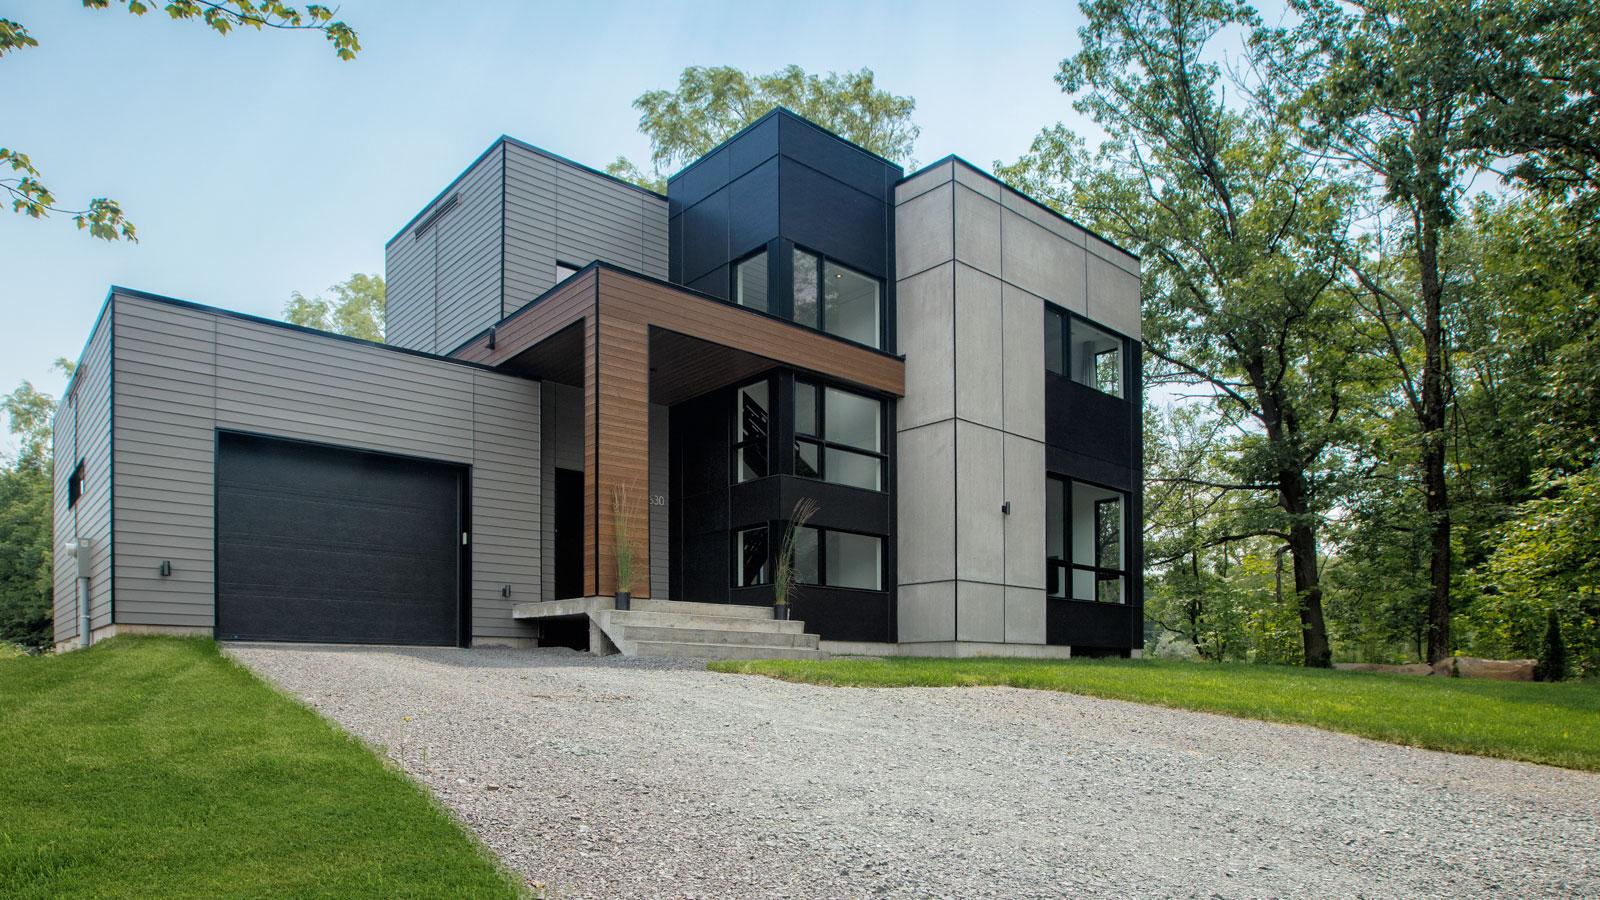 Le projet zone c style unique qu bec terrains de 7000 28 000 pi2 tous les services for Photos de maisons contemporaines